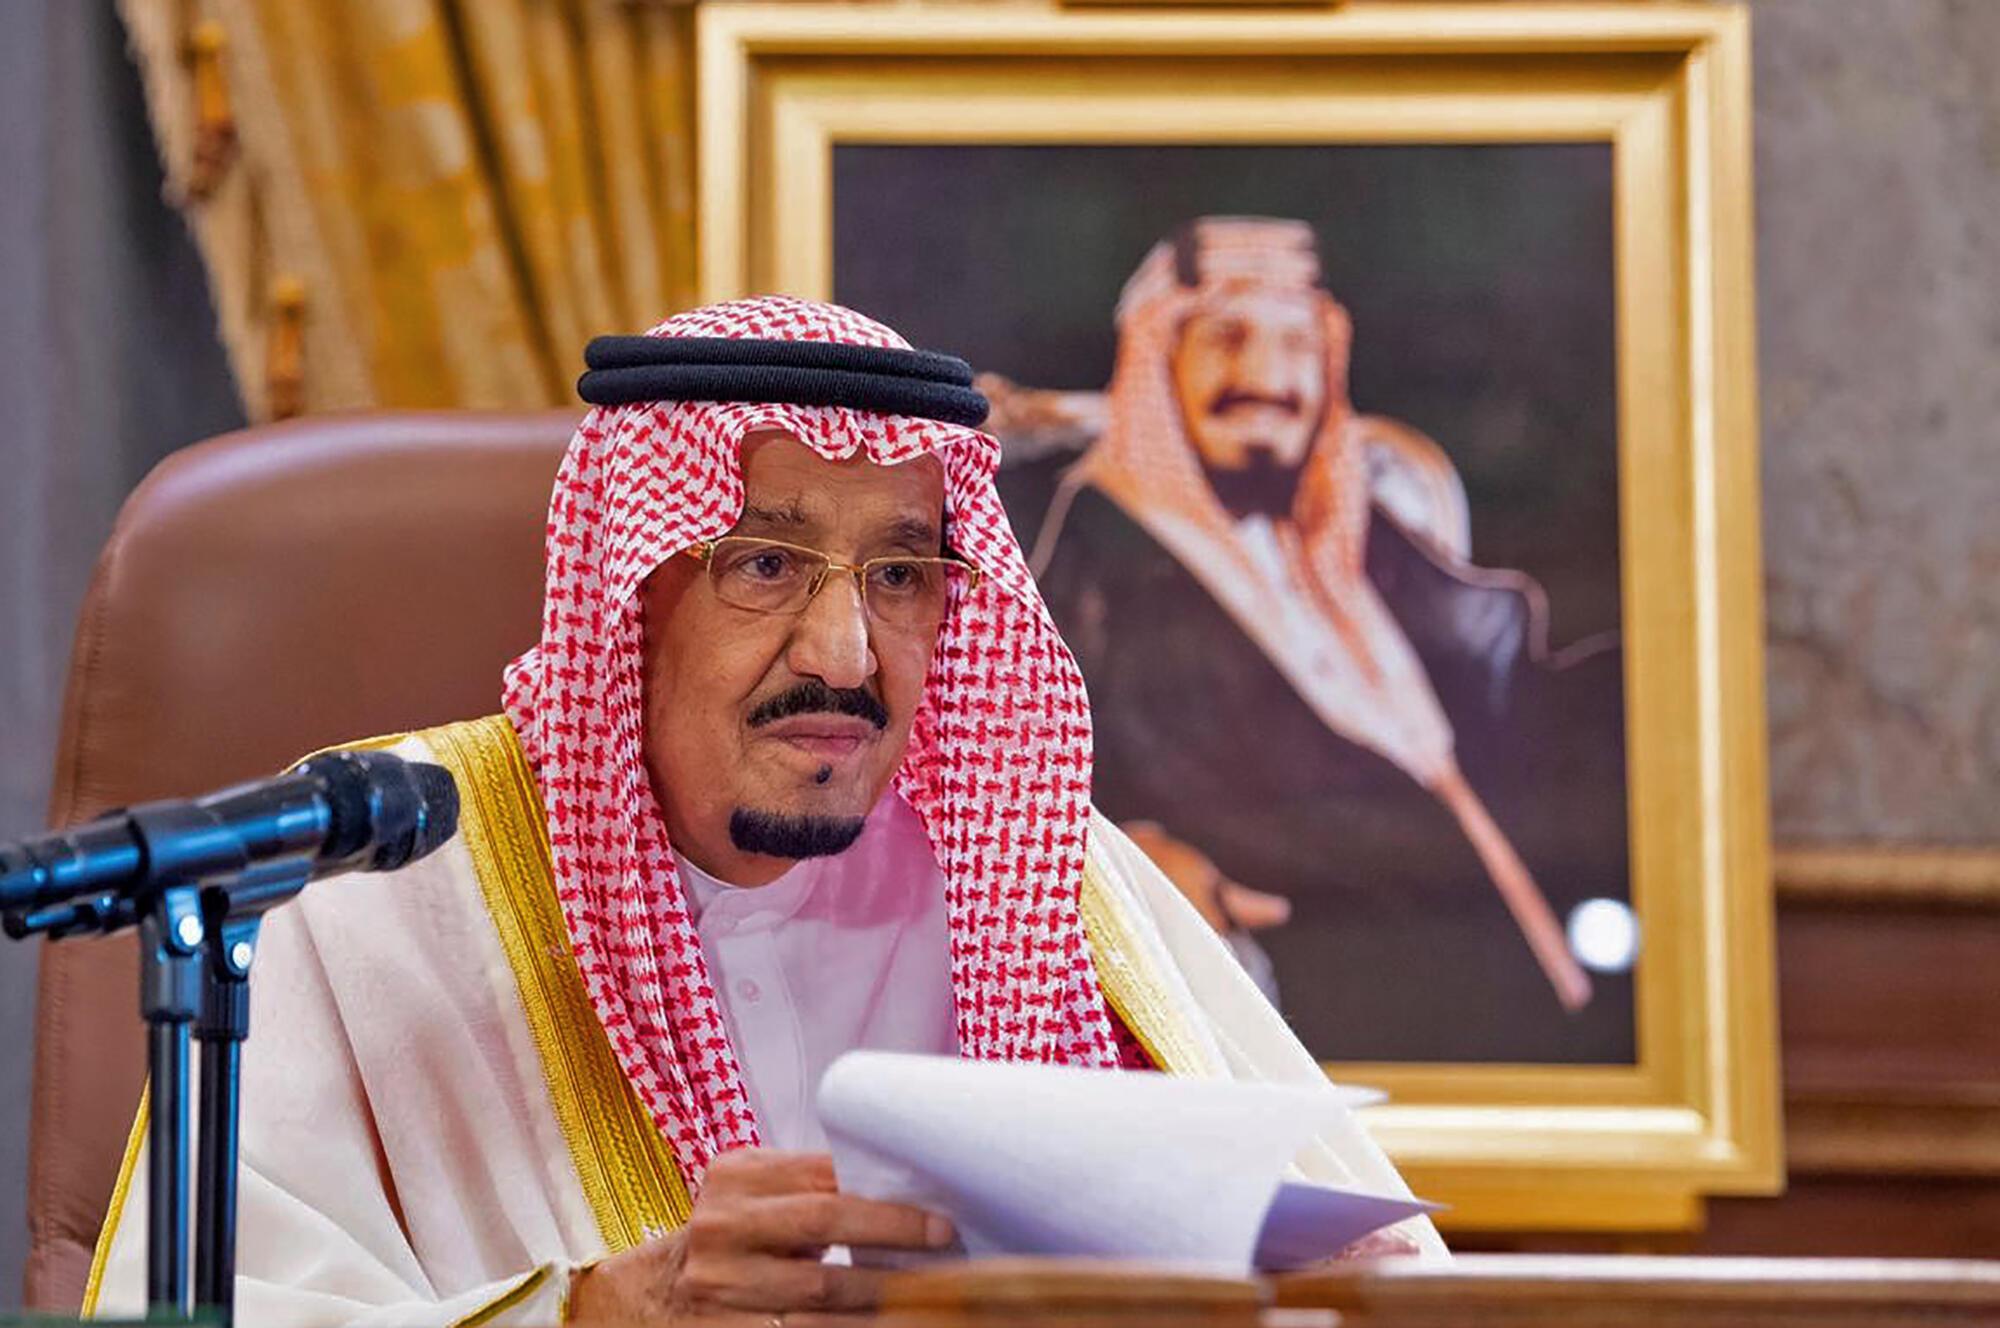 صورة وزعها الديوان الملكي السعودي بتاريخ 19 آذار/مارس 2020 تظهر الملك سلمان لدى إلقائه خطابا في الرياض.